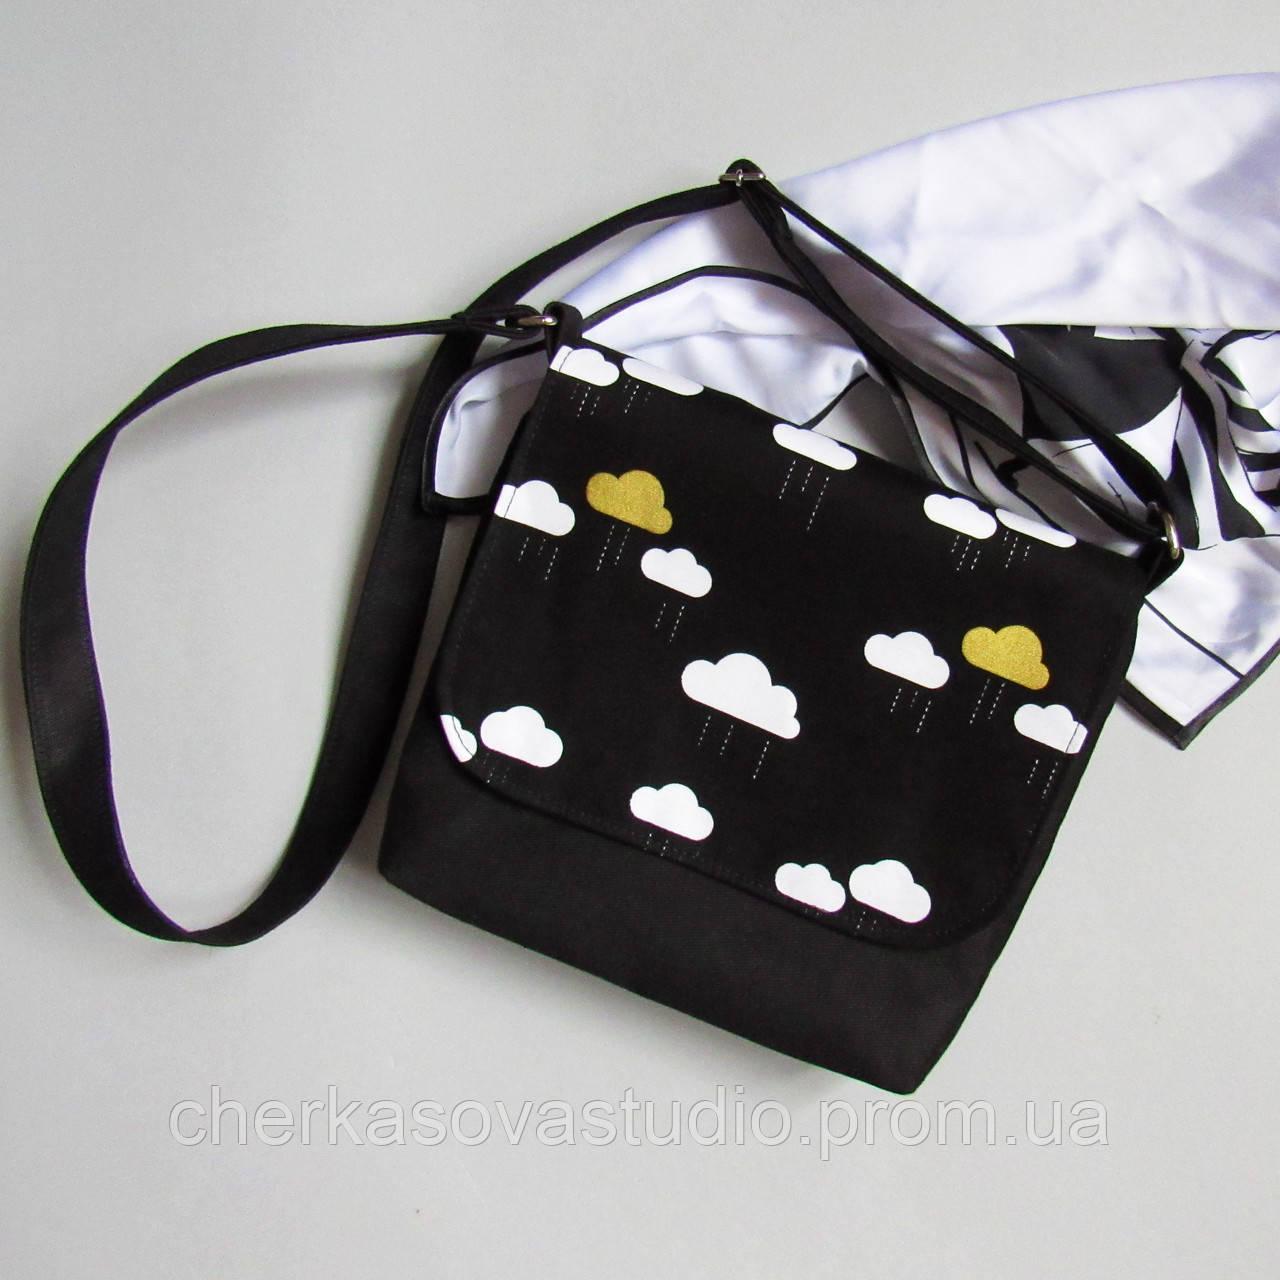 42e23f73a5b3 Сумочка женская на плечо текстиль черная с принтом облака золото -  Cherkasova Studio в Харькове